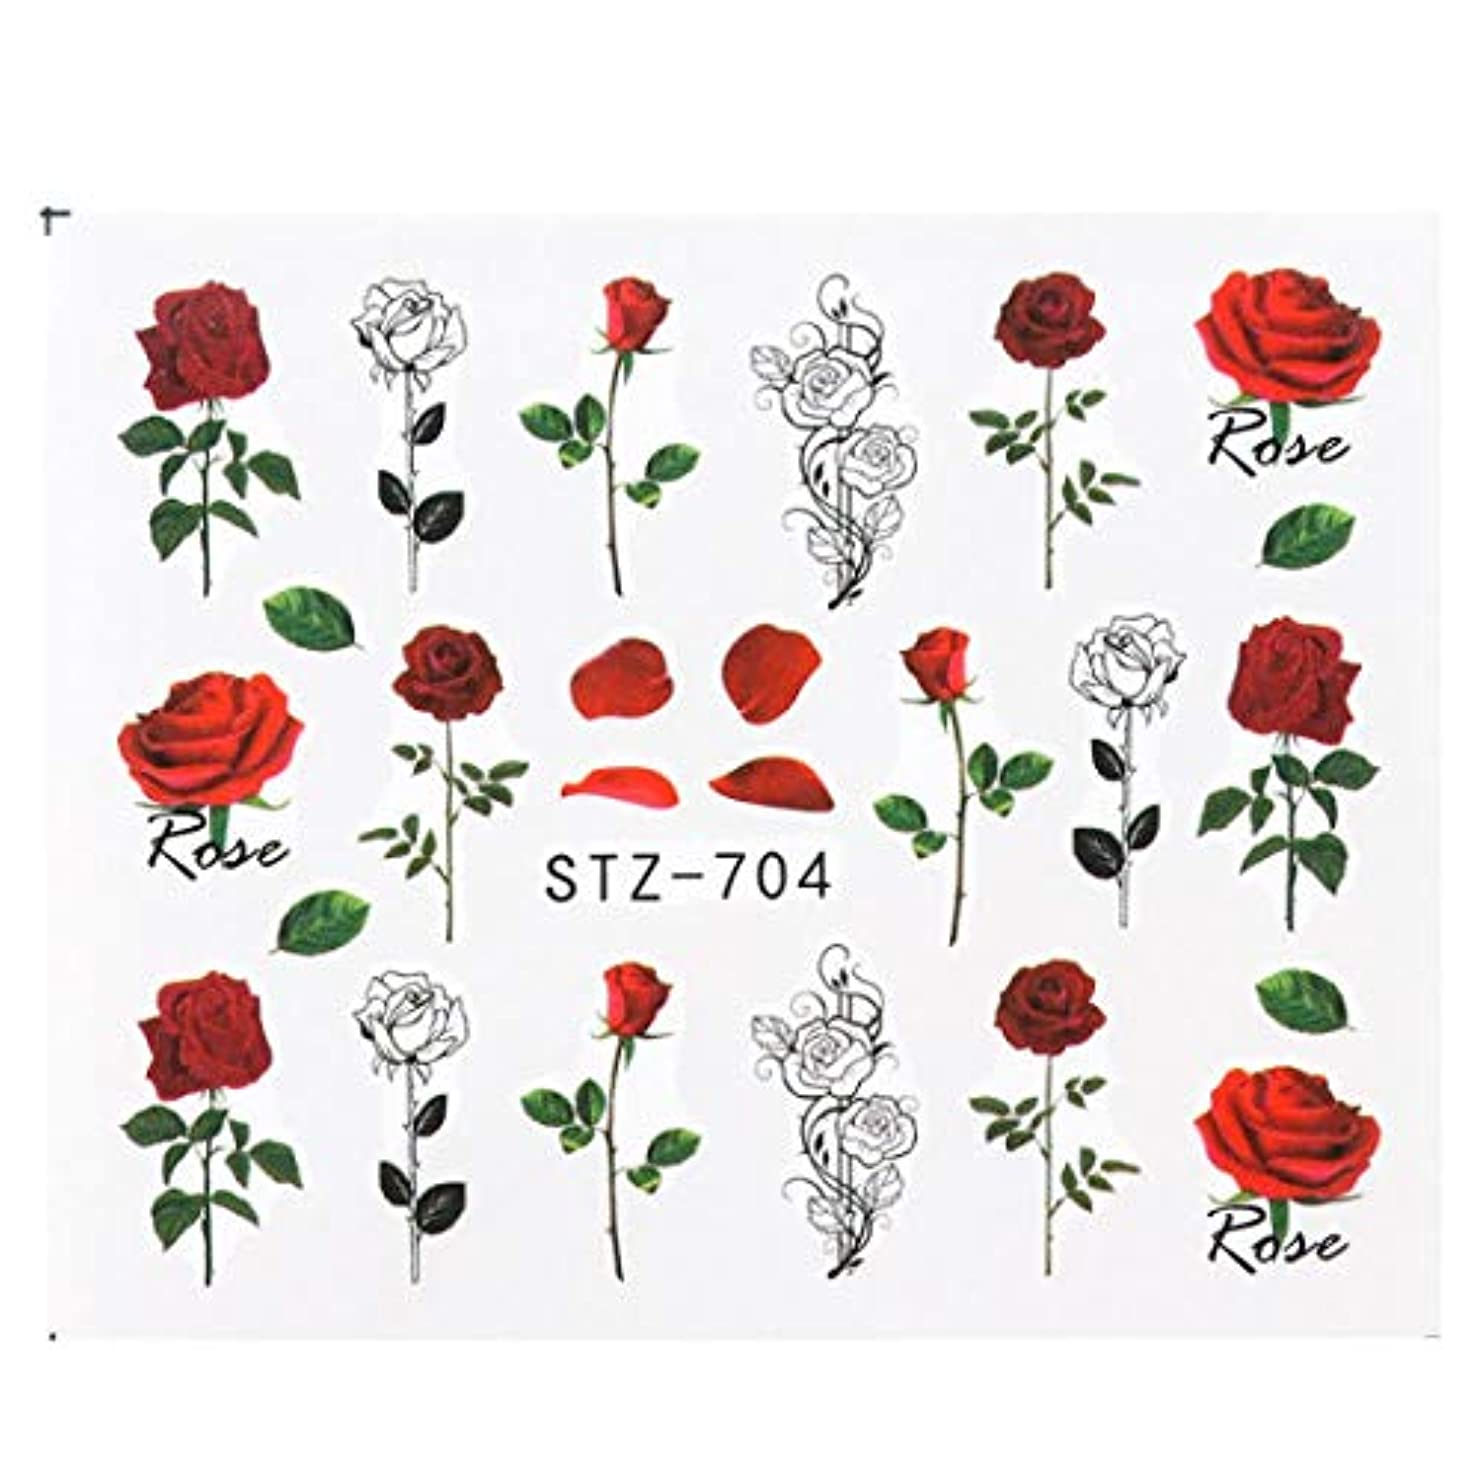 エッセイパーチナシティ気がついてSUKTI&XIAO ネイルステッカー ネイルアート転送タトゥーフラミンゴリーフジェルマニキュア接着剤の装飾、Stz704のための1個の花のスライダーウォーターステッカーデカール